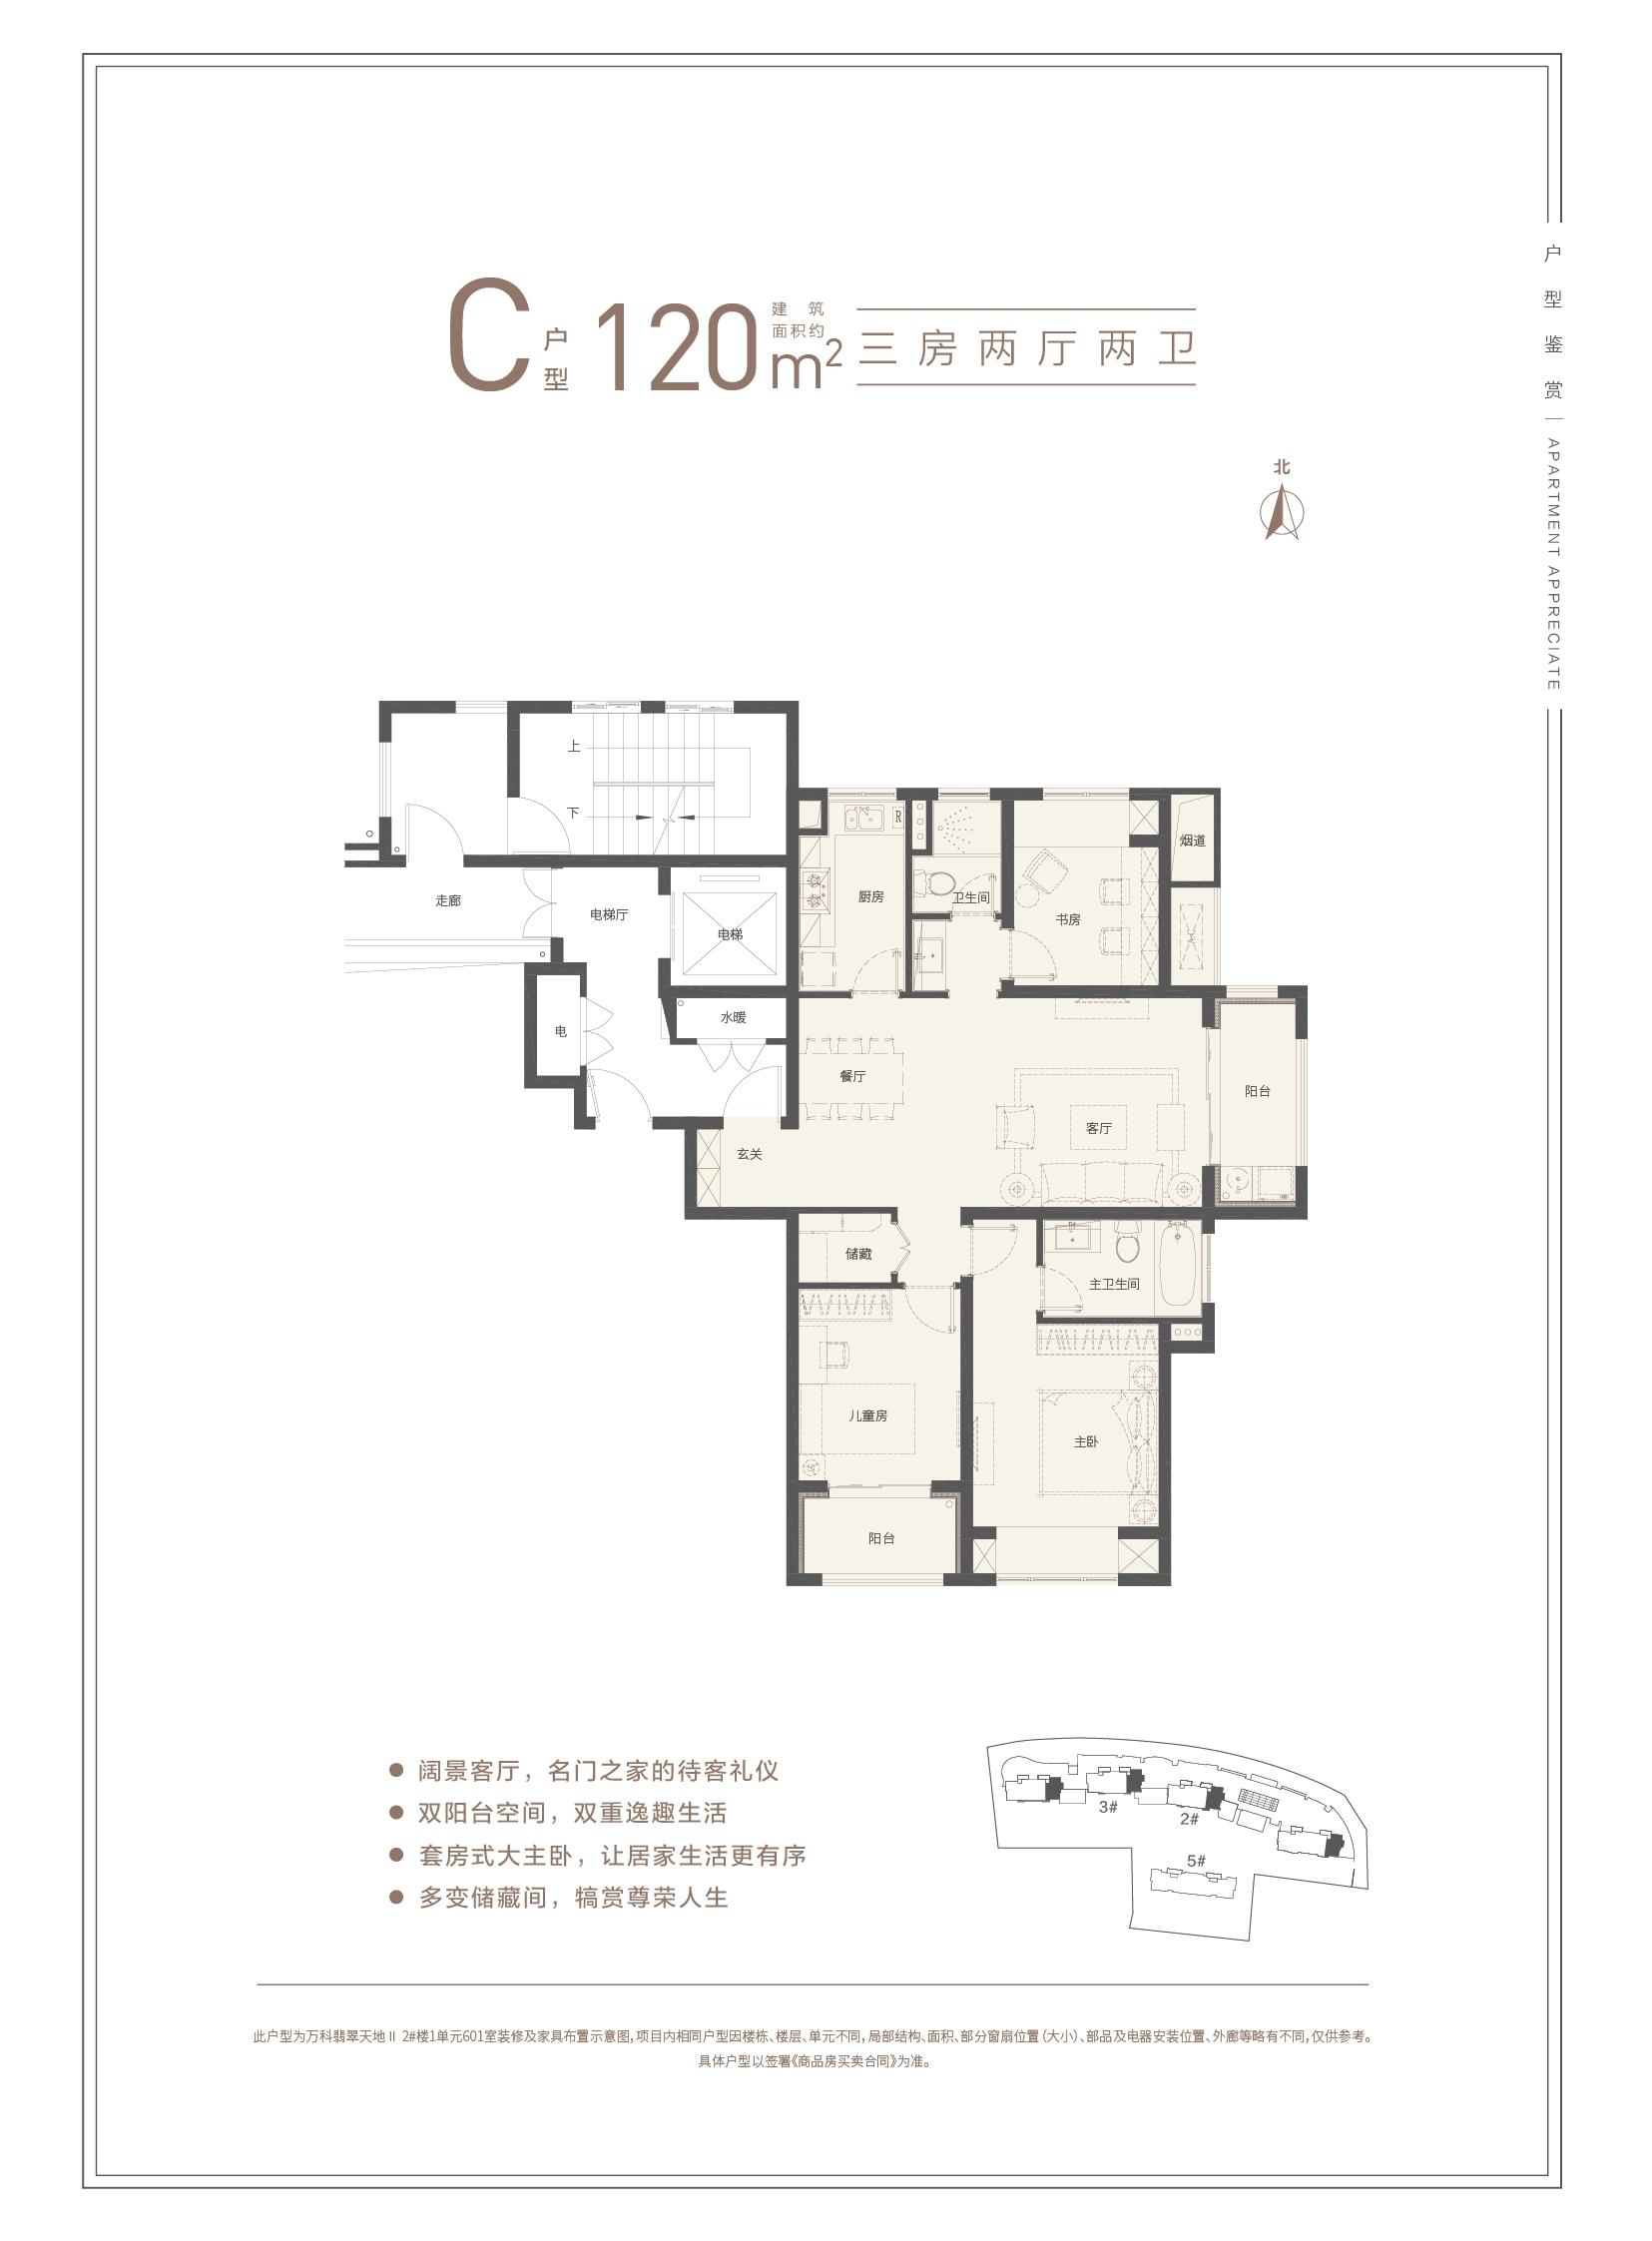 万科翡翠天地C户型120㎡三室两厅两卫